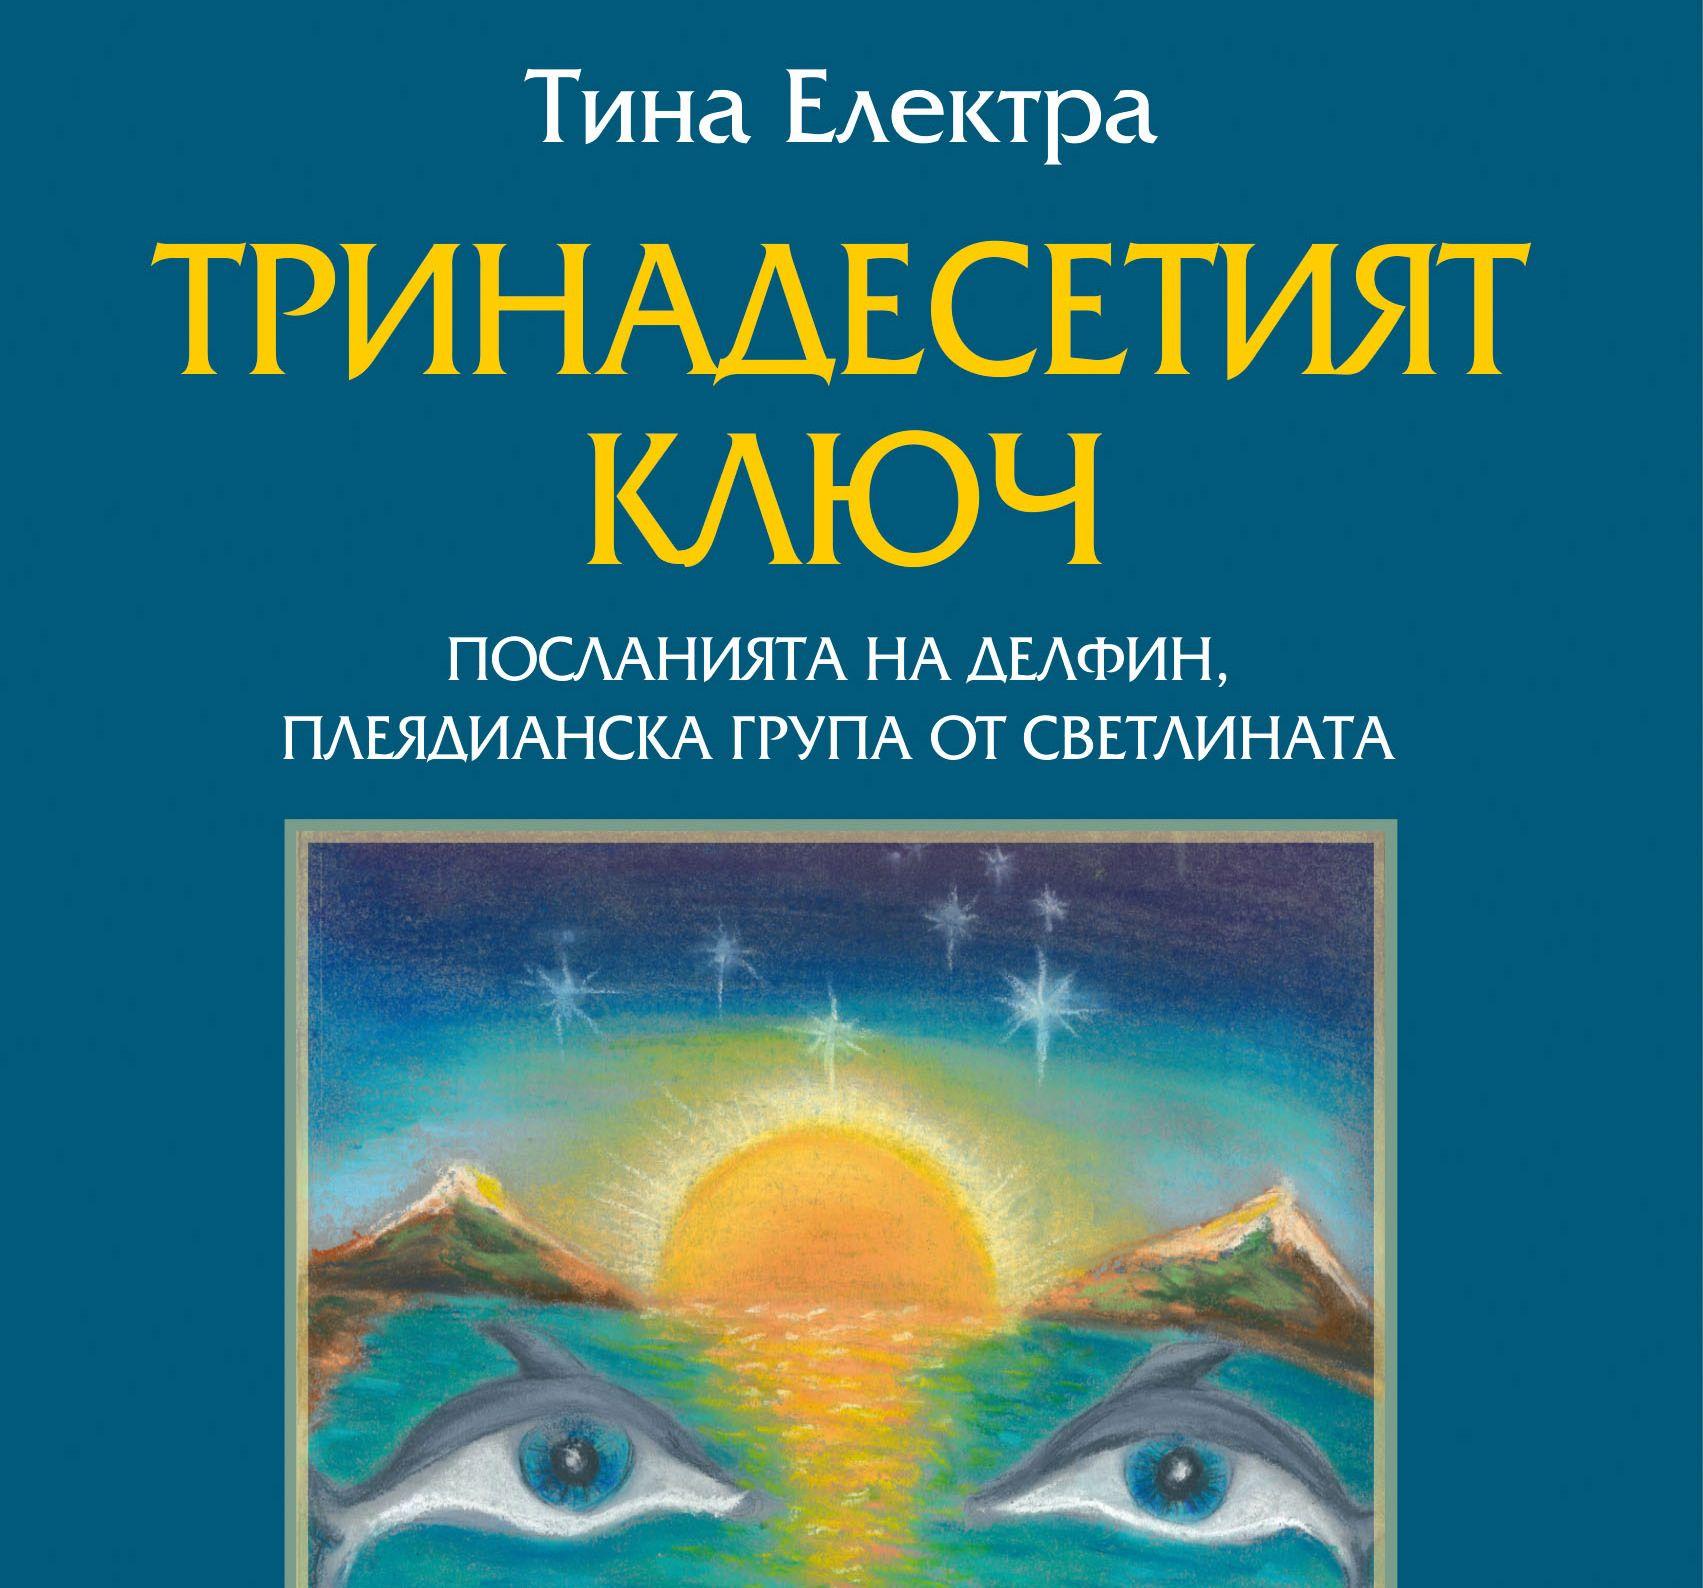 Тина Електра: В лицето на Петър Дънов бог дойде в България